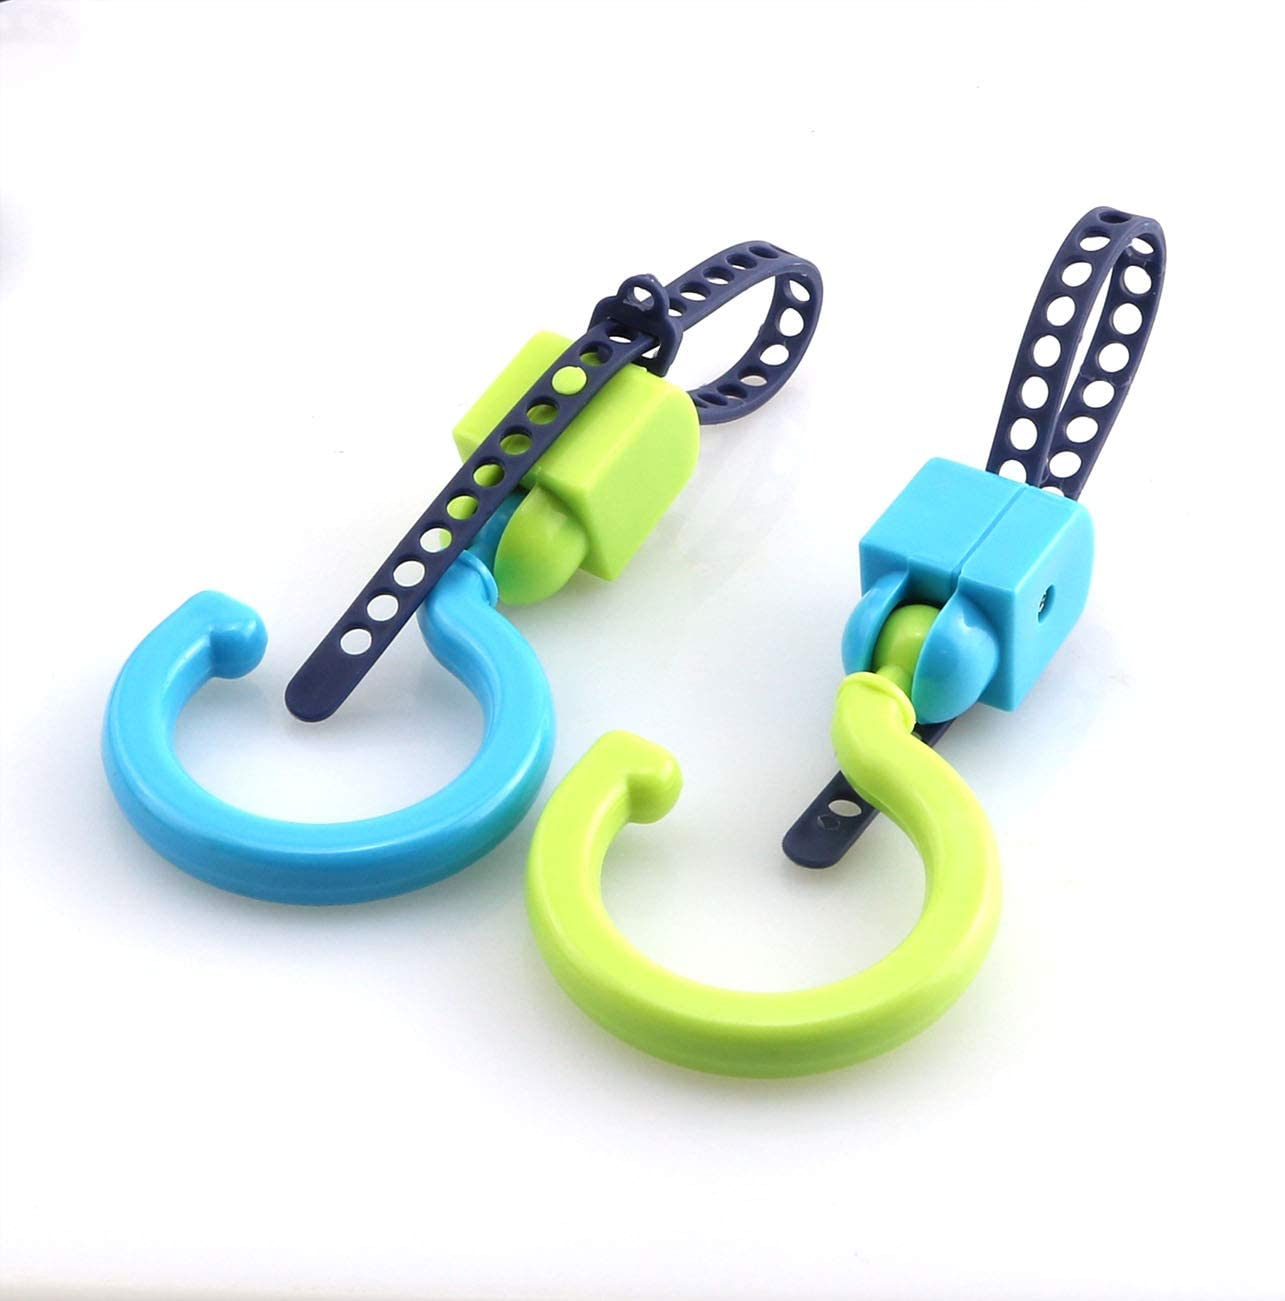 JCBIZ 2PCS Hanger Hook 360 Degree Rotate Swivel Baby Stroller Hooks Hanging Pram Cart Holder Clips Accessories Multi Purpose Blue+Green